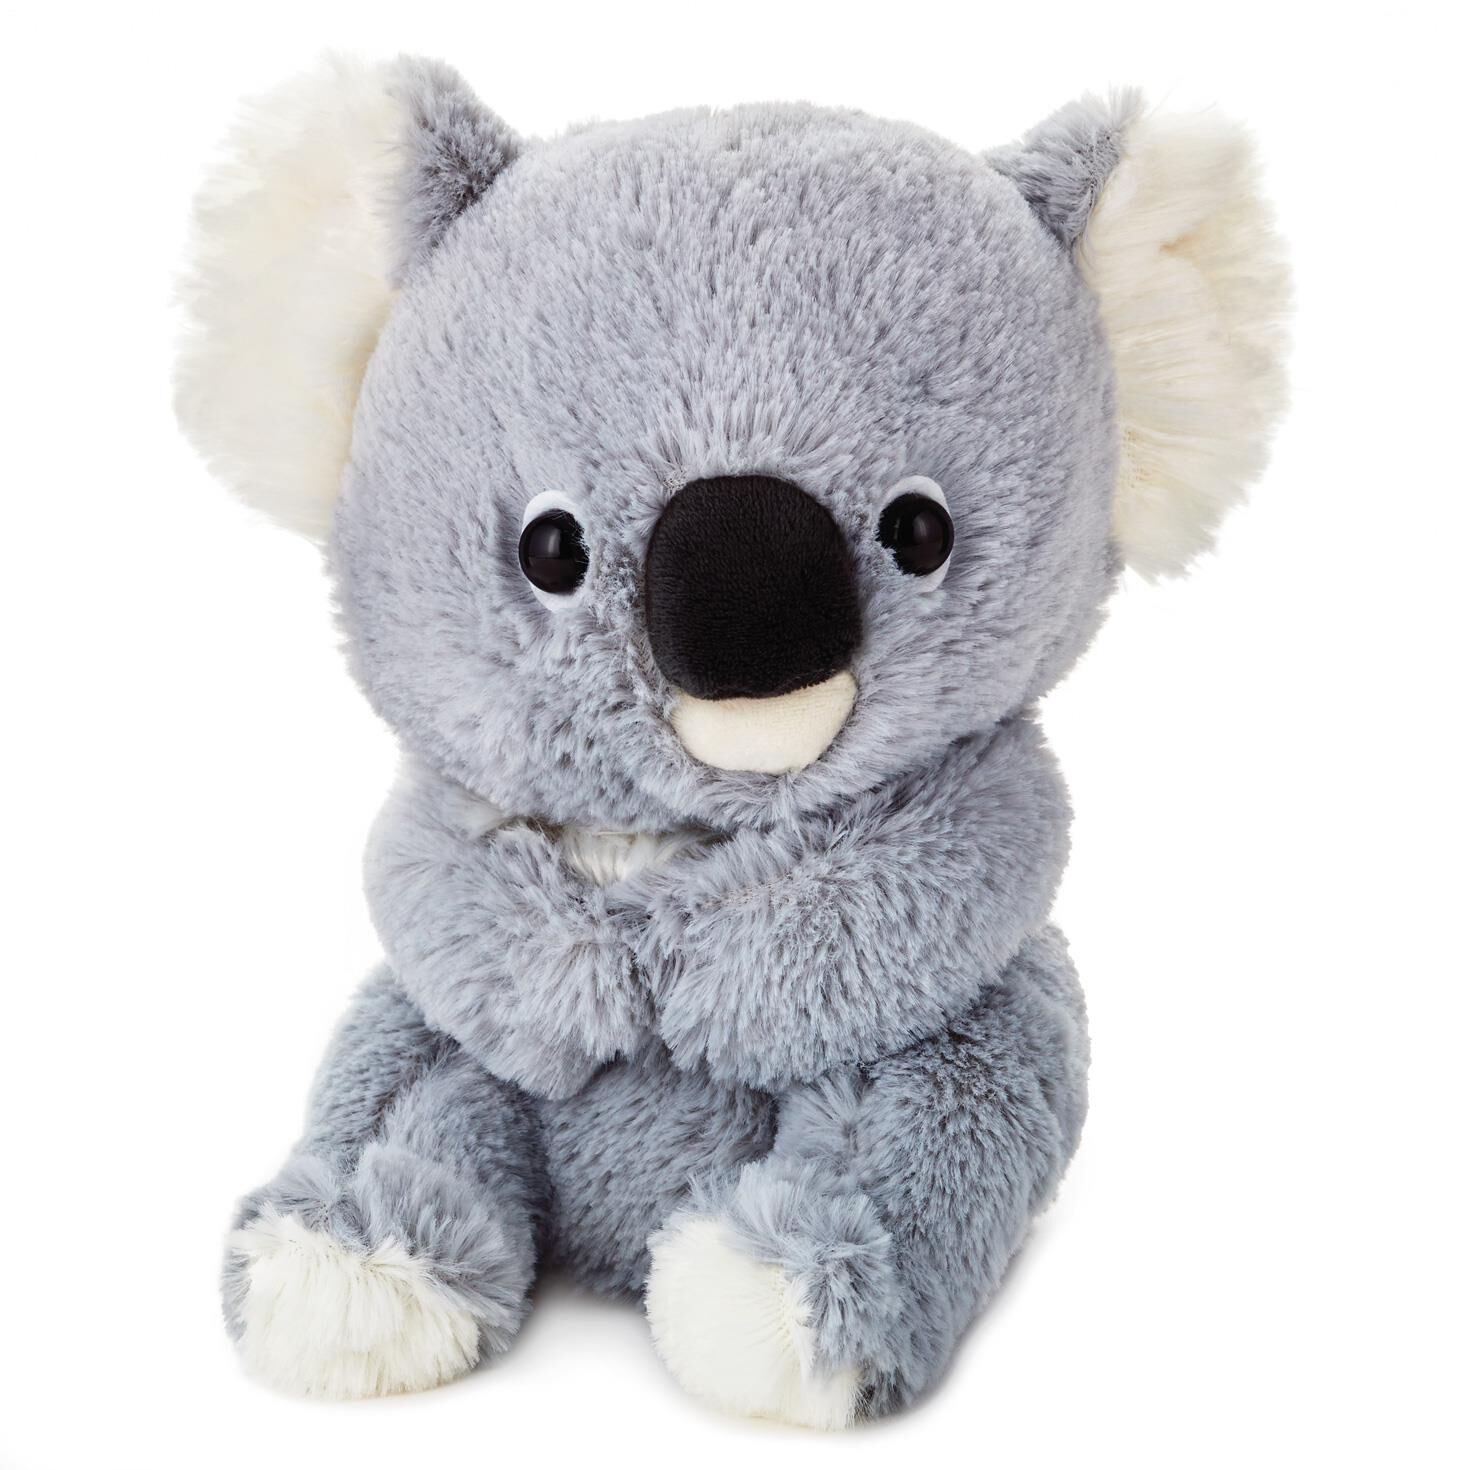 Baby Koala Stuffed Animal, 8.5